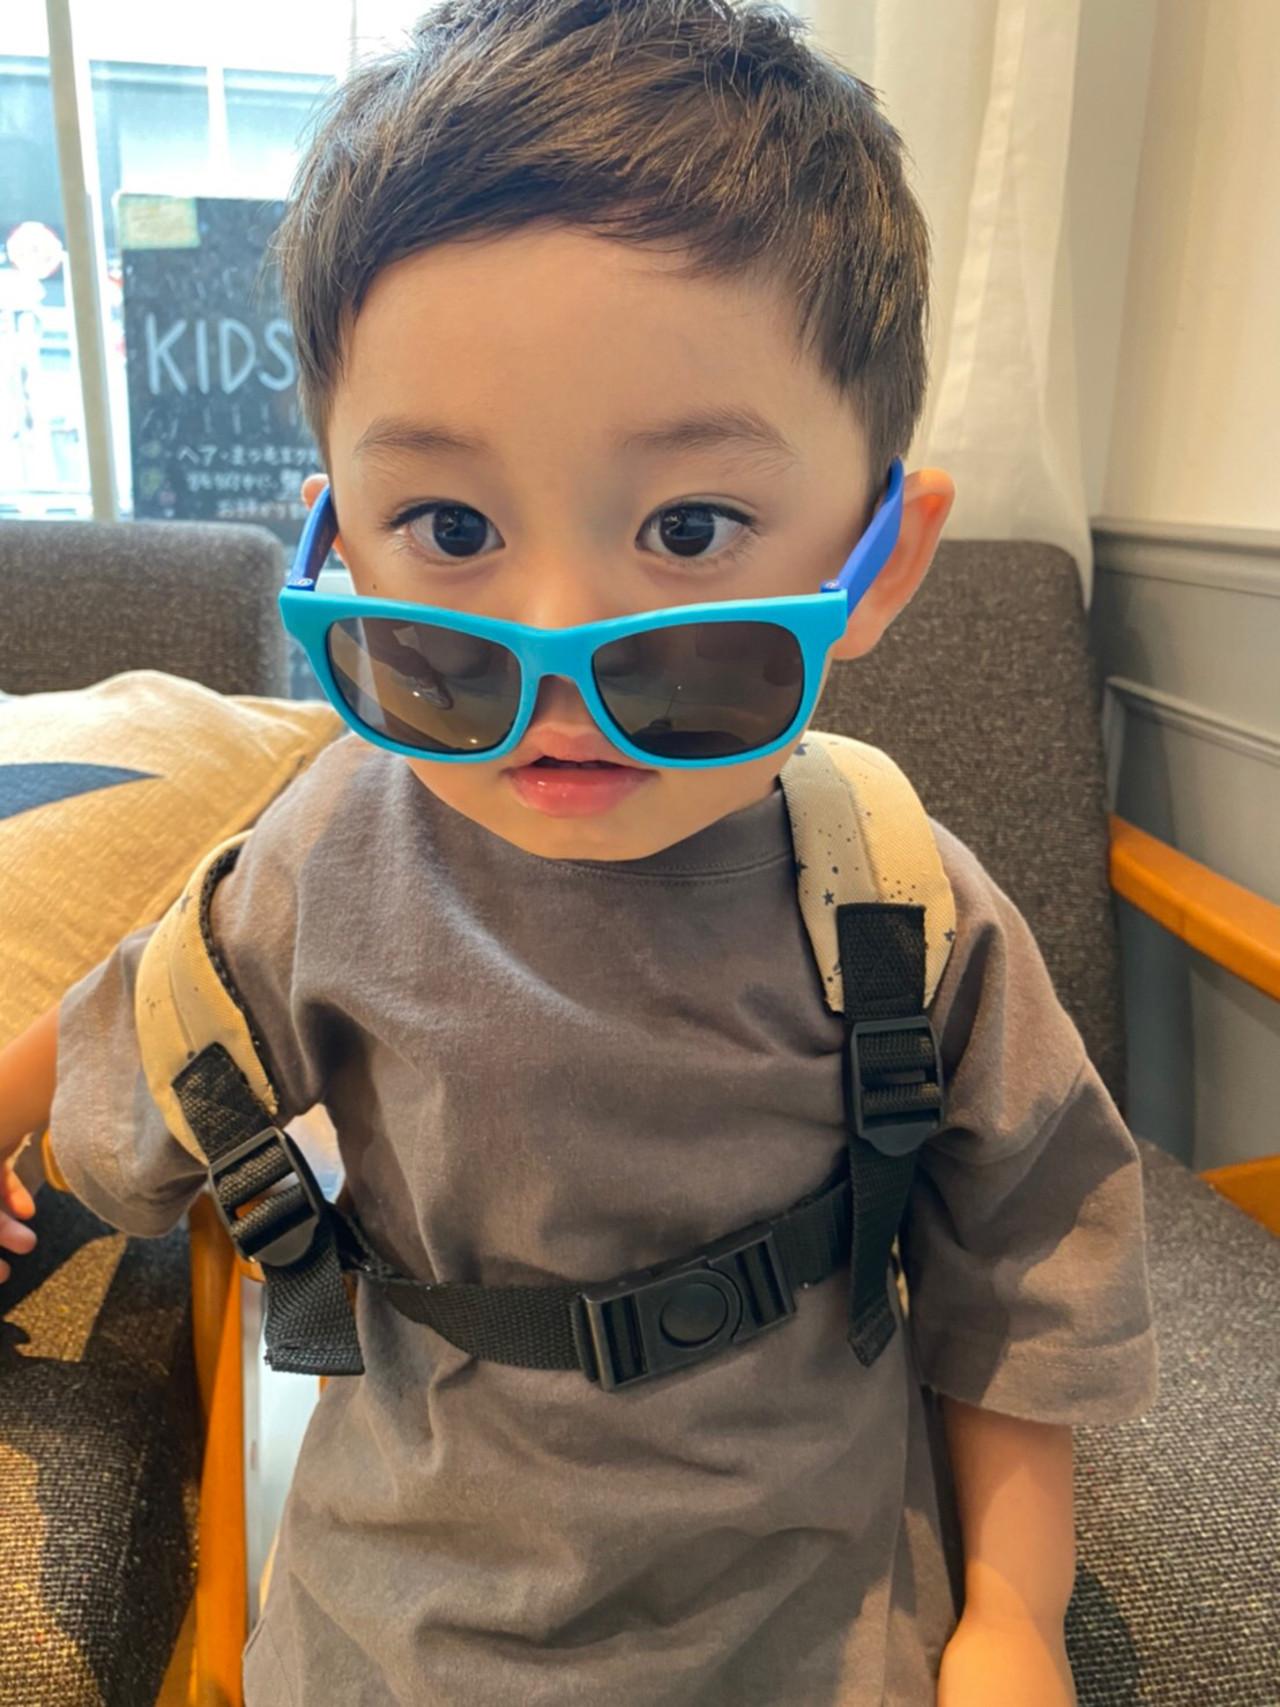 メンズショート キッズカット 子供 メンズカット ヘアスタイルや髪型の写真・画像 | カネコミキヒロ / Neolive aim 横浜西口店